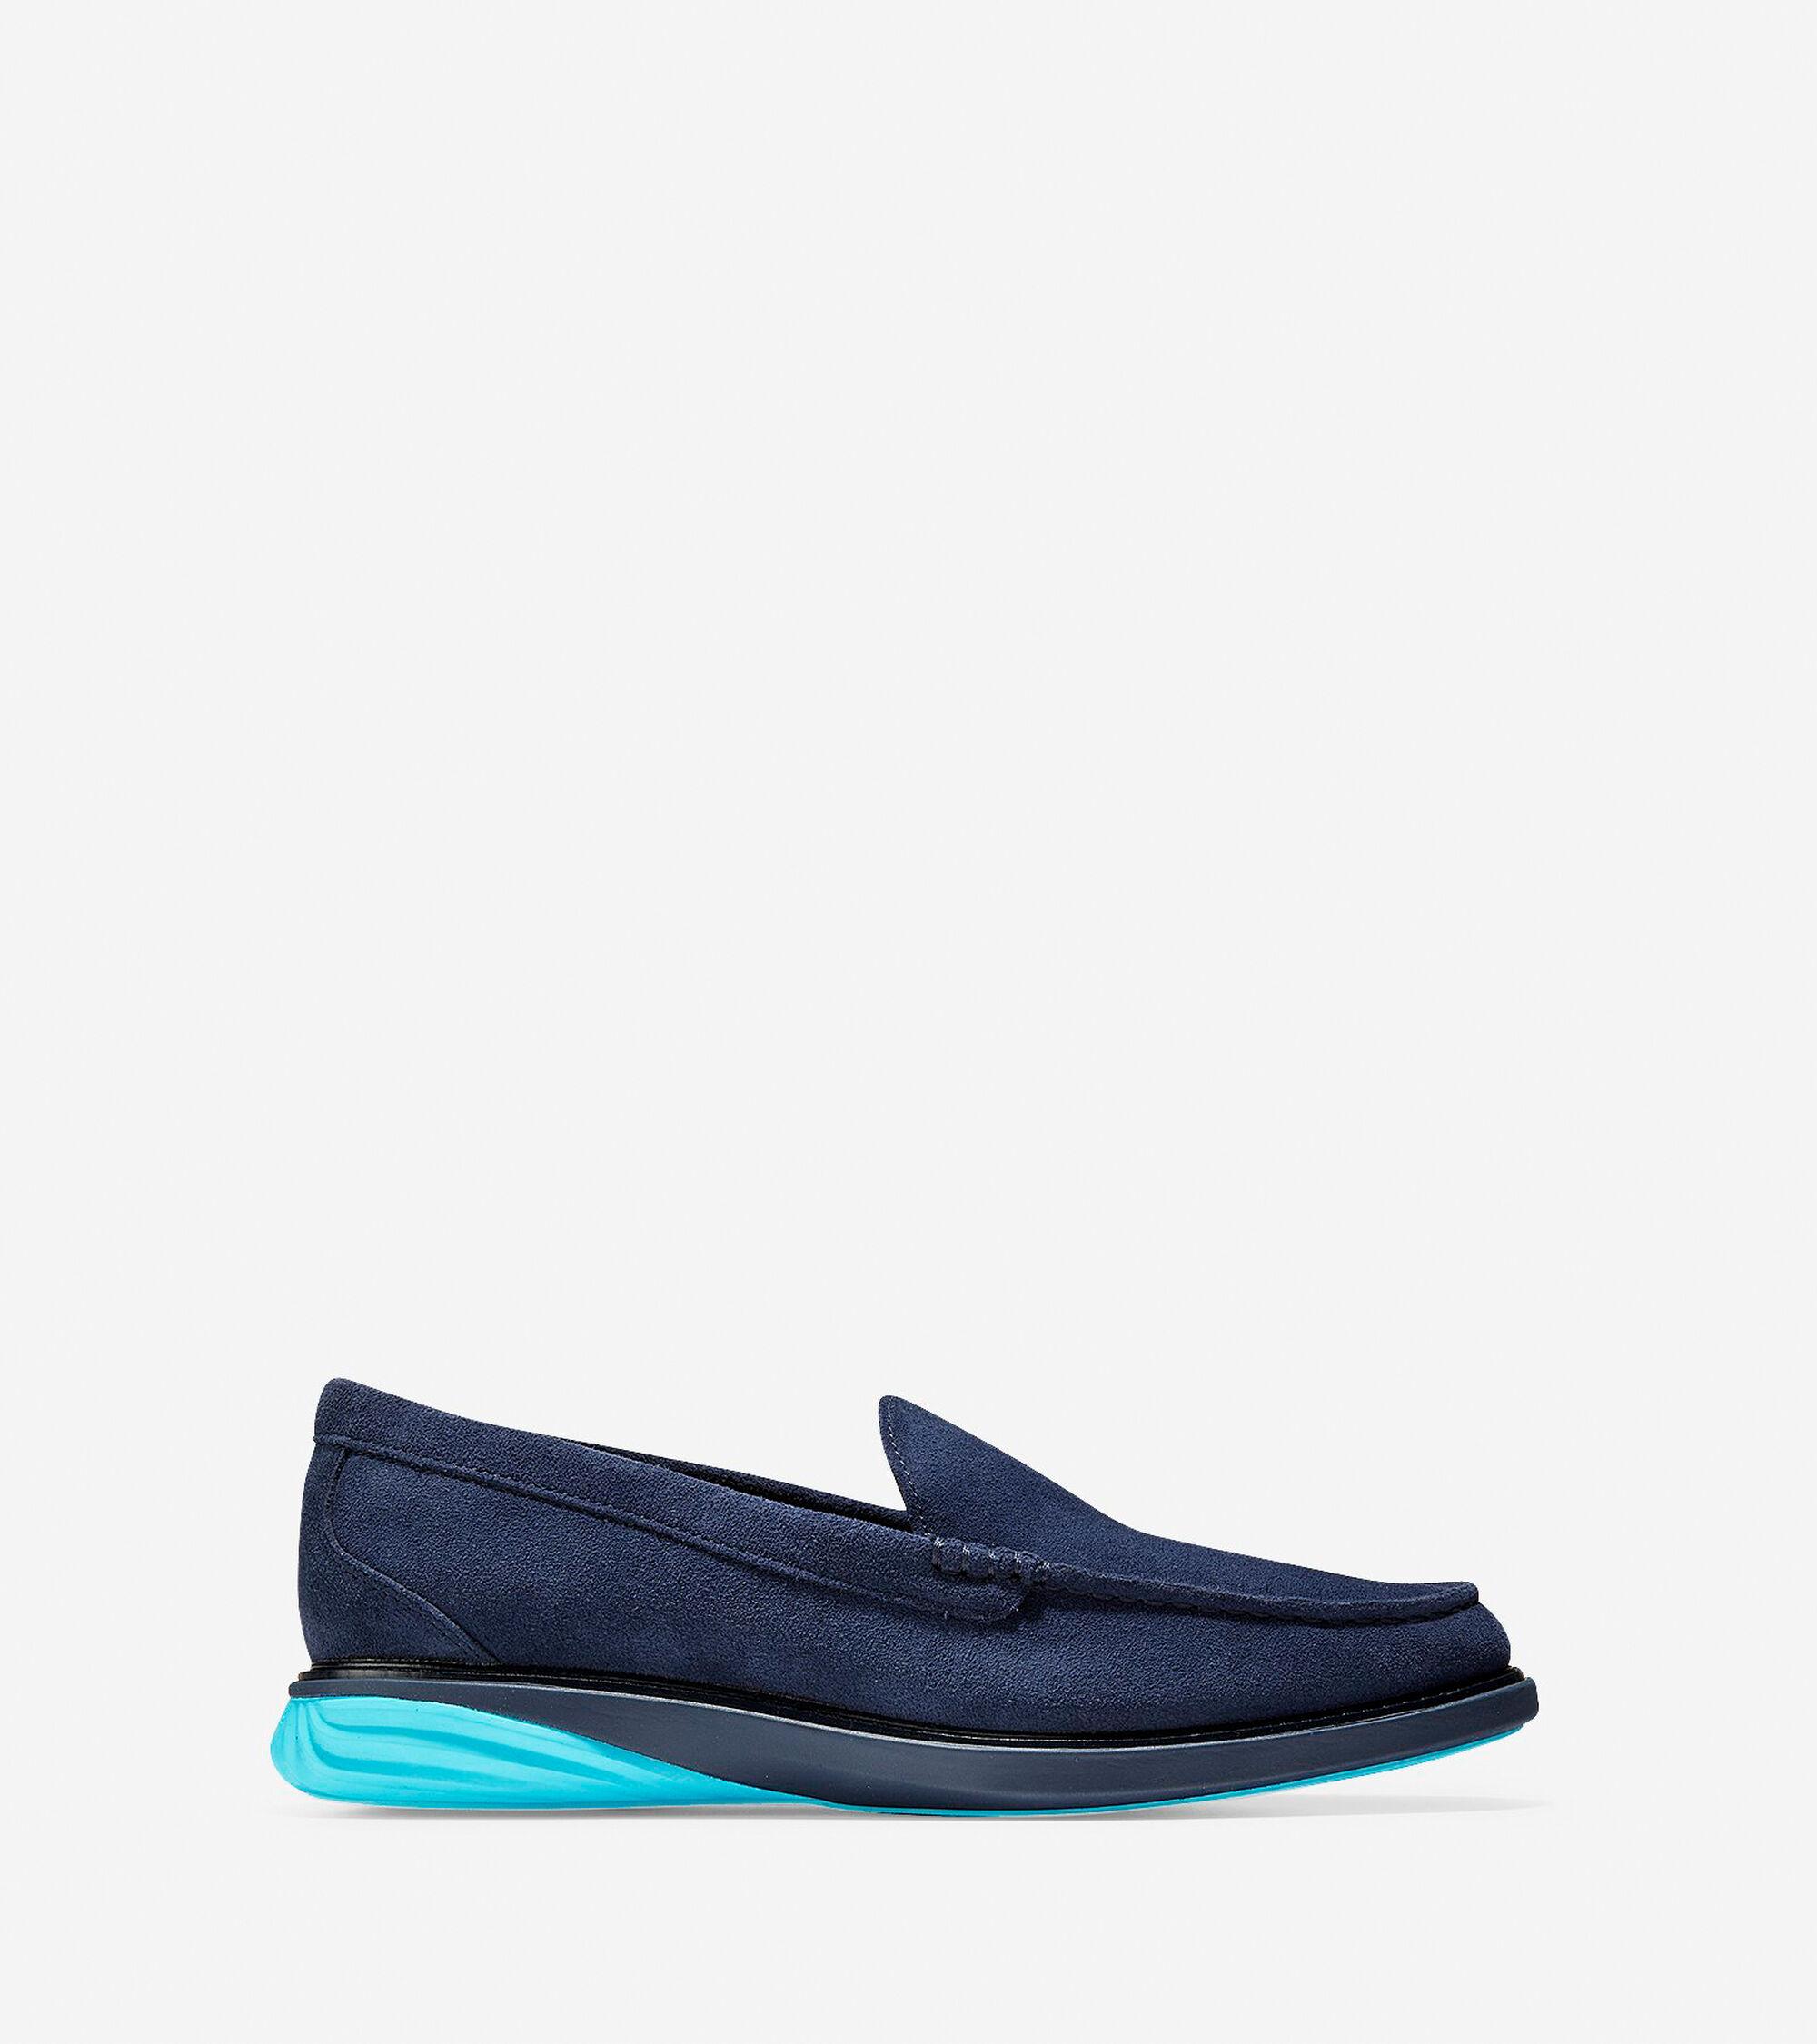 7aaa6c9962c Men s GrandEvolution Venetian Loafers in Marine Blue